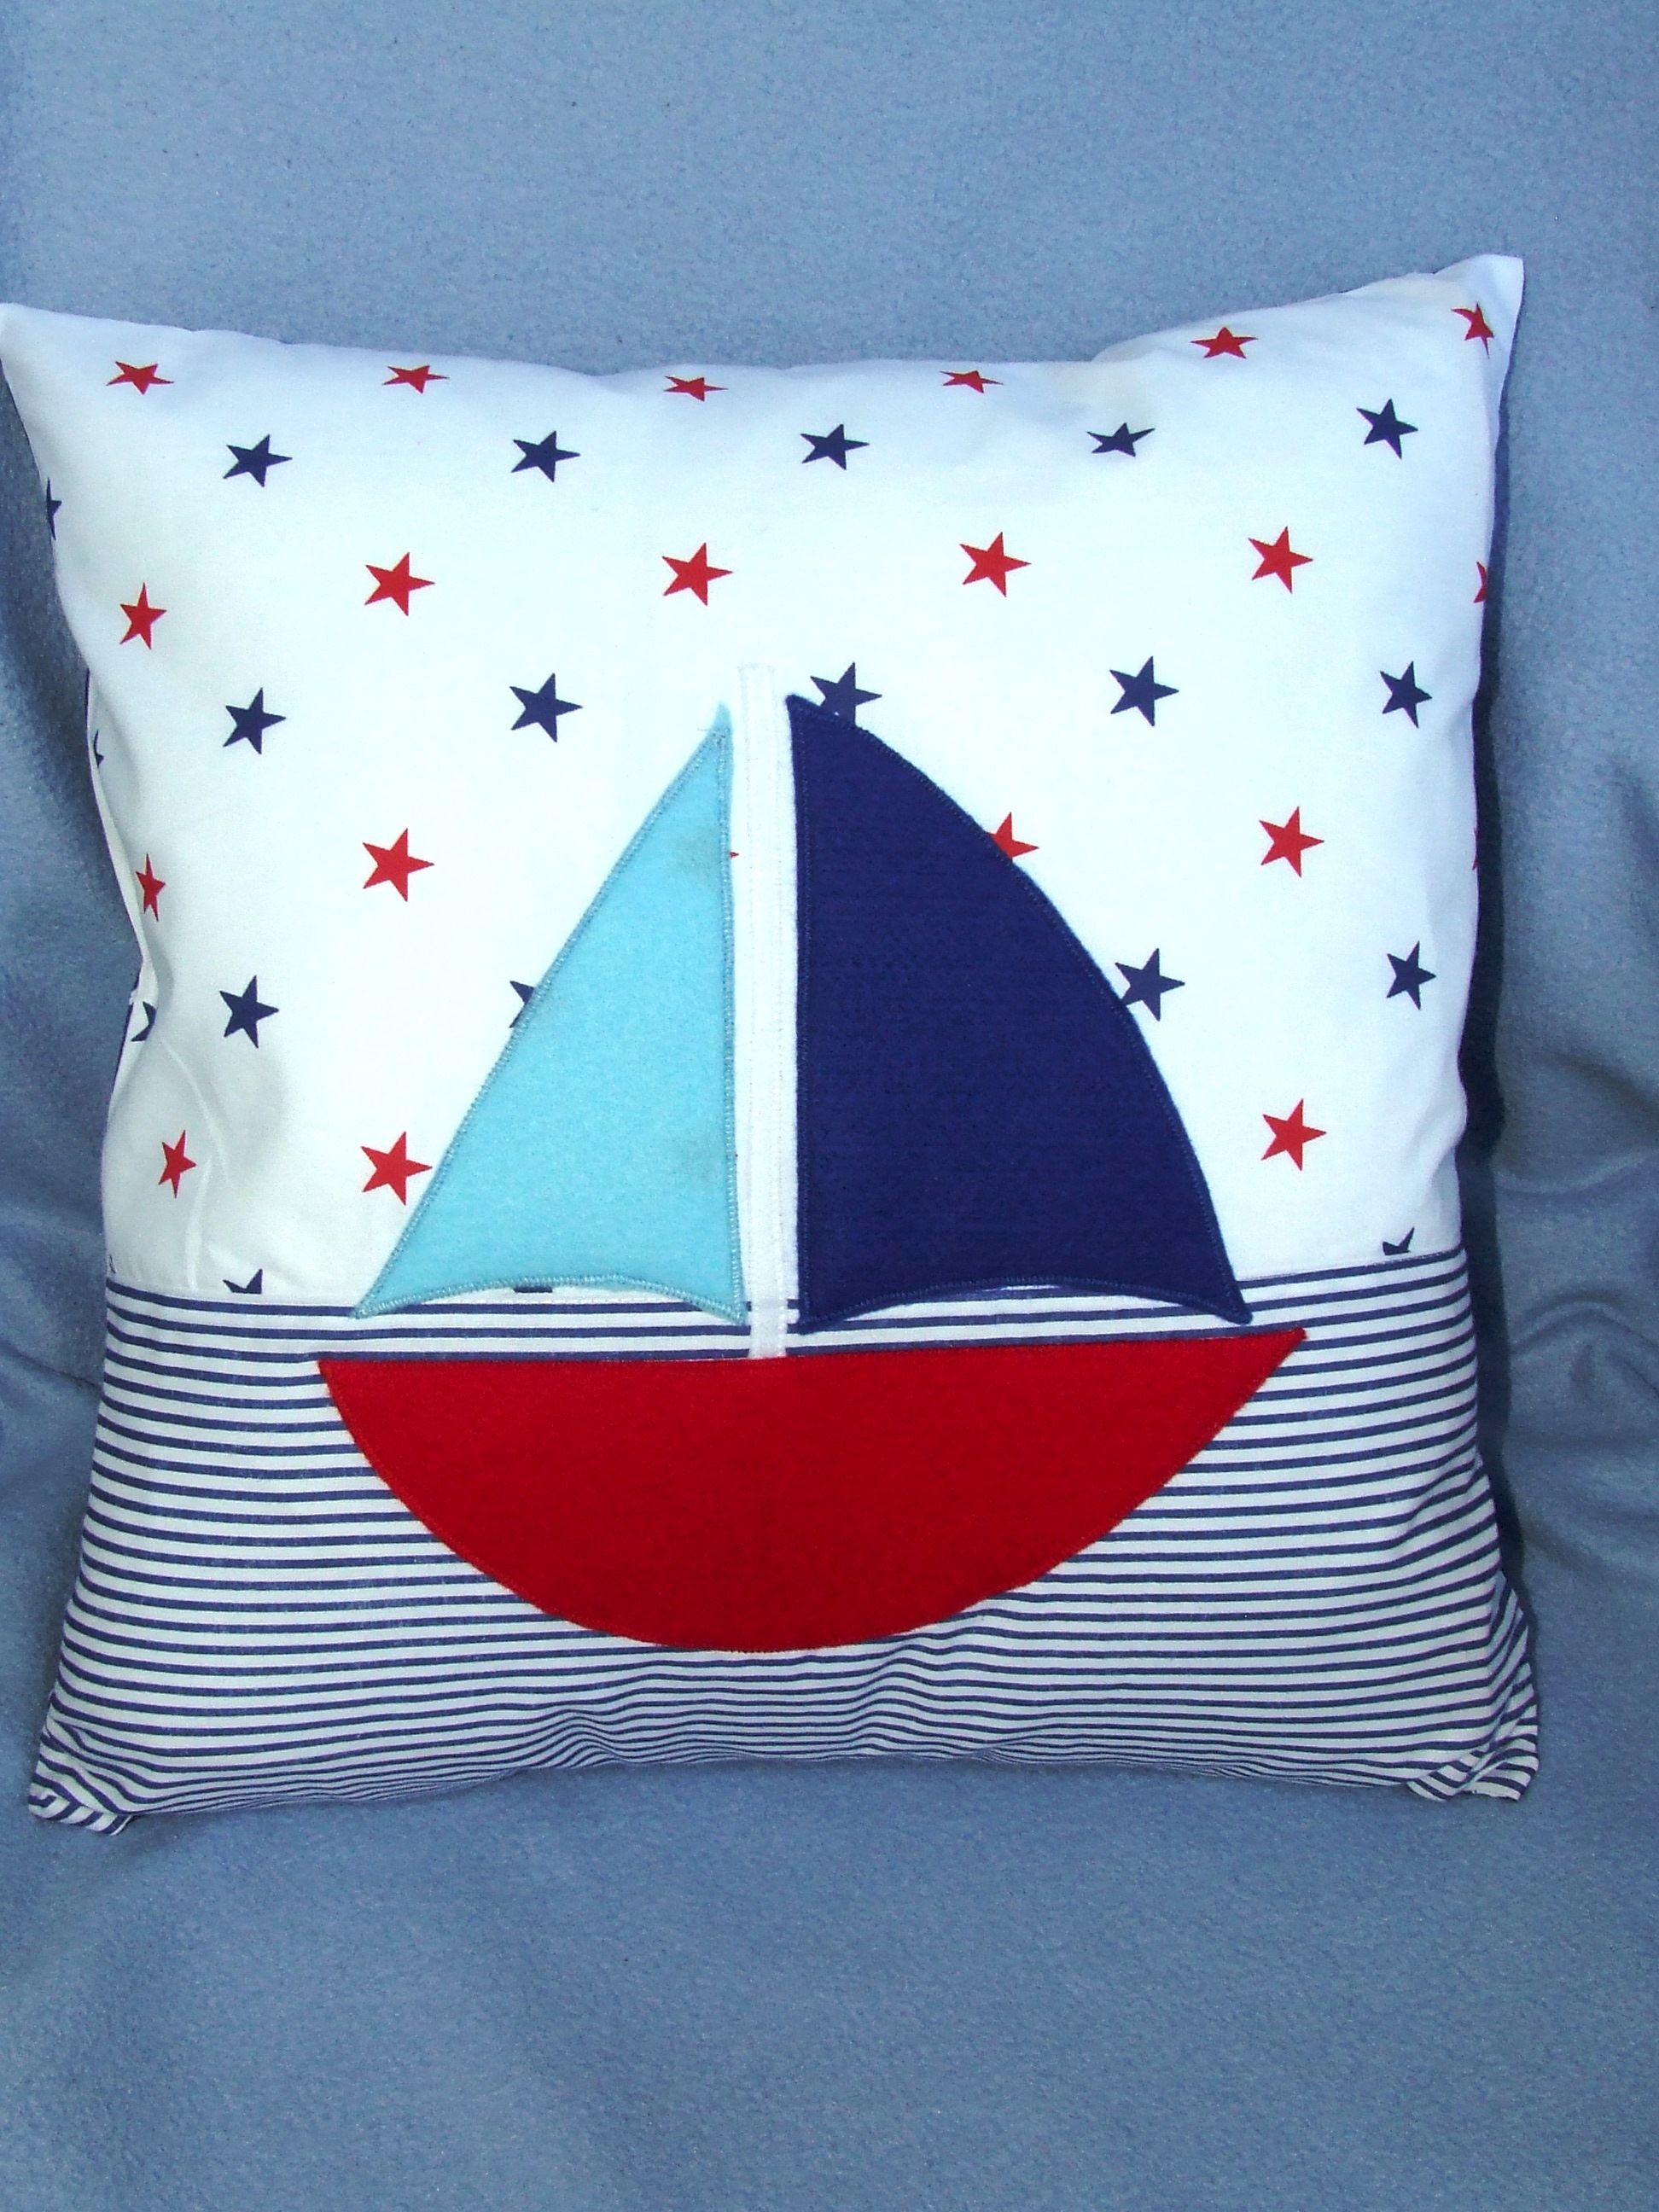 Poduszki Poszewki Aplikacje Diy Crafts I Throw Pillows